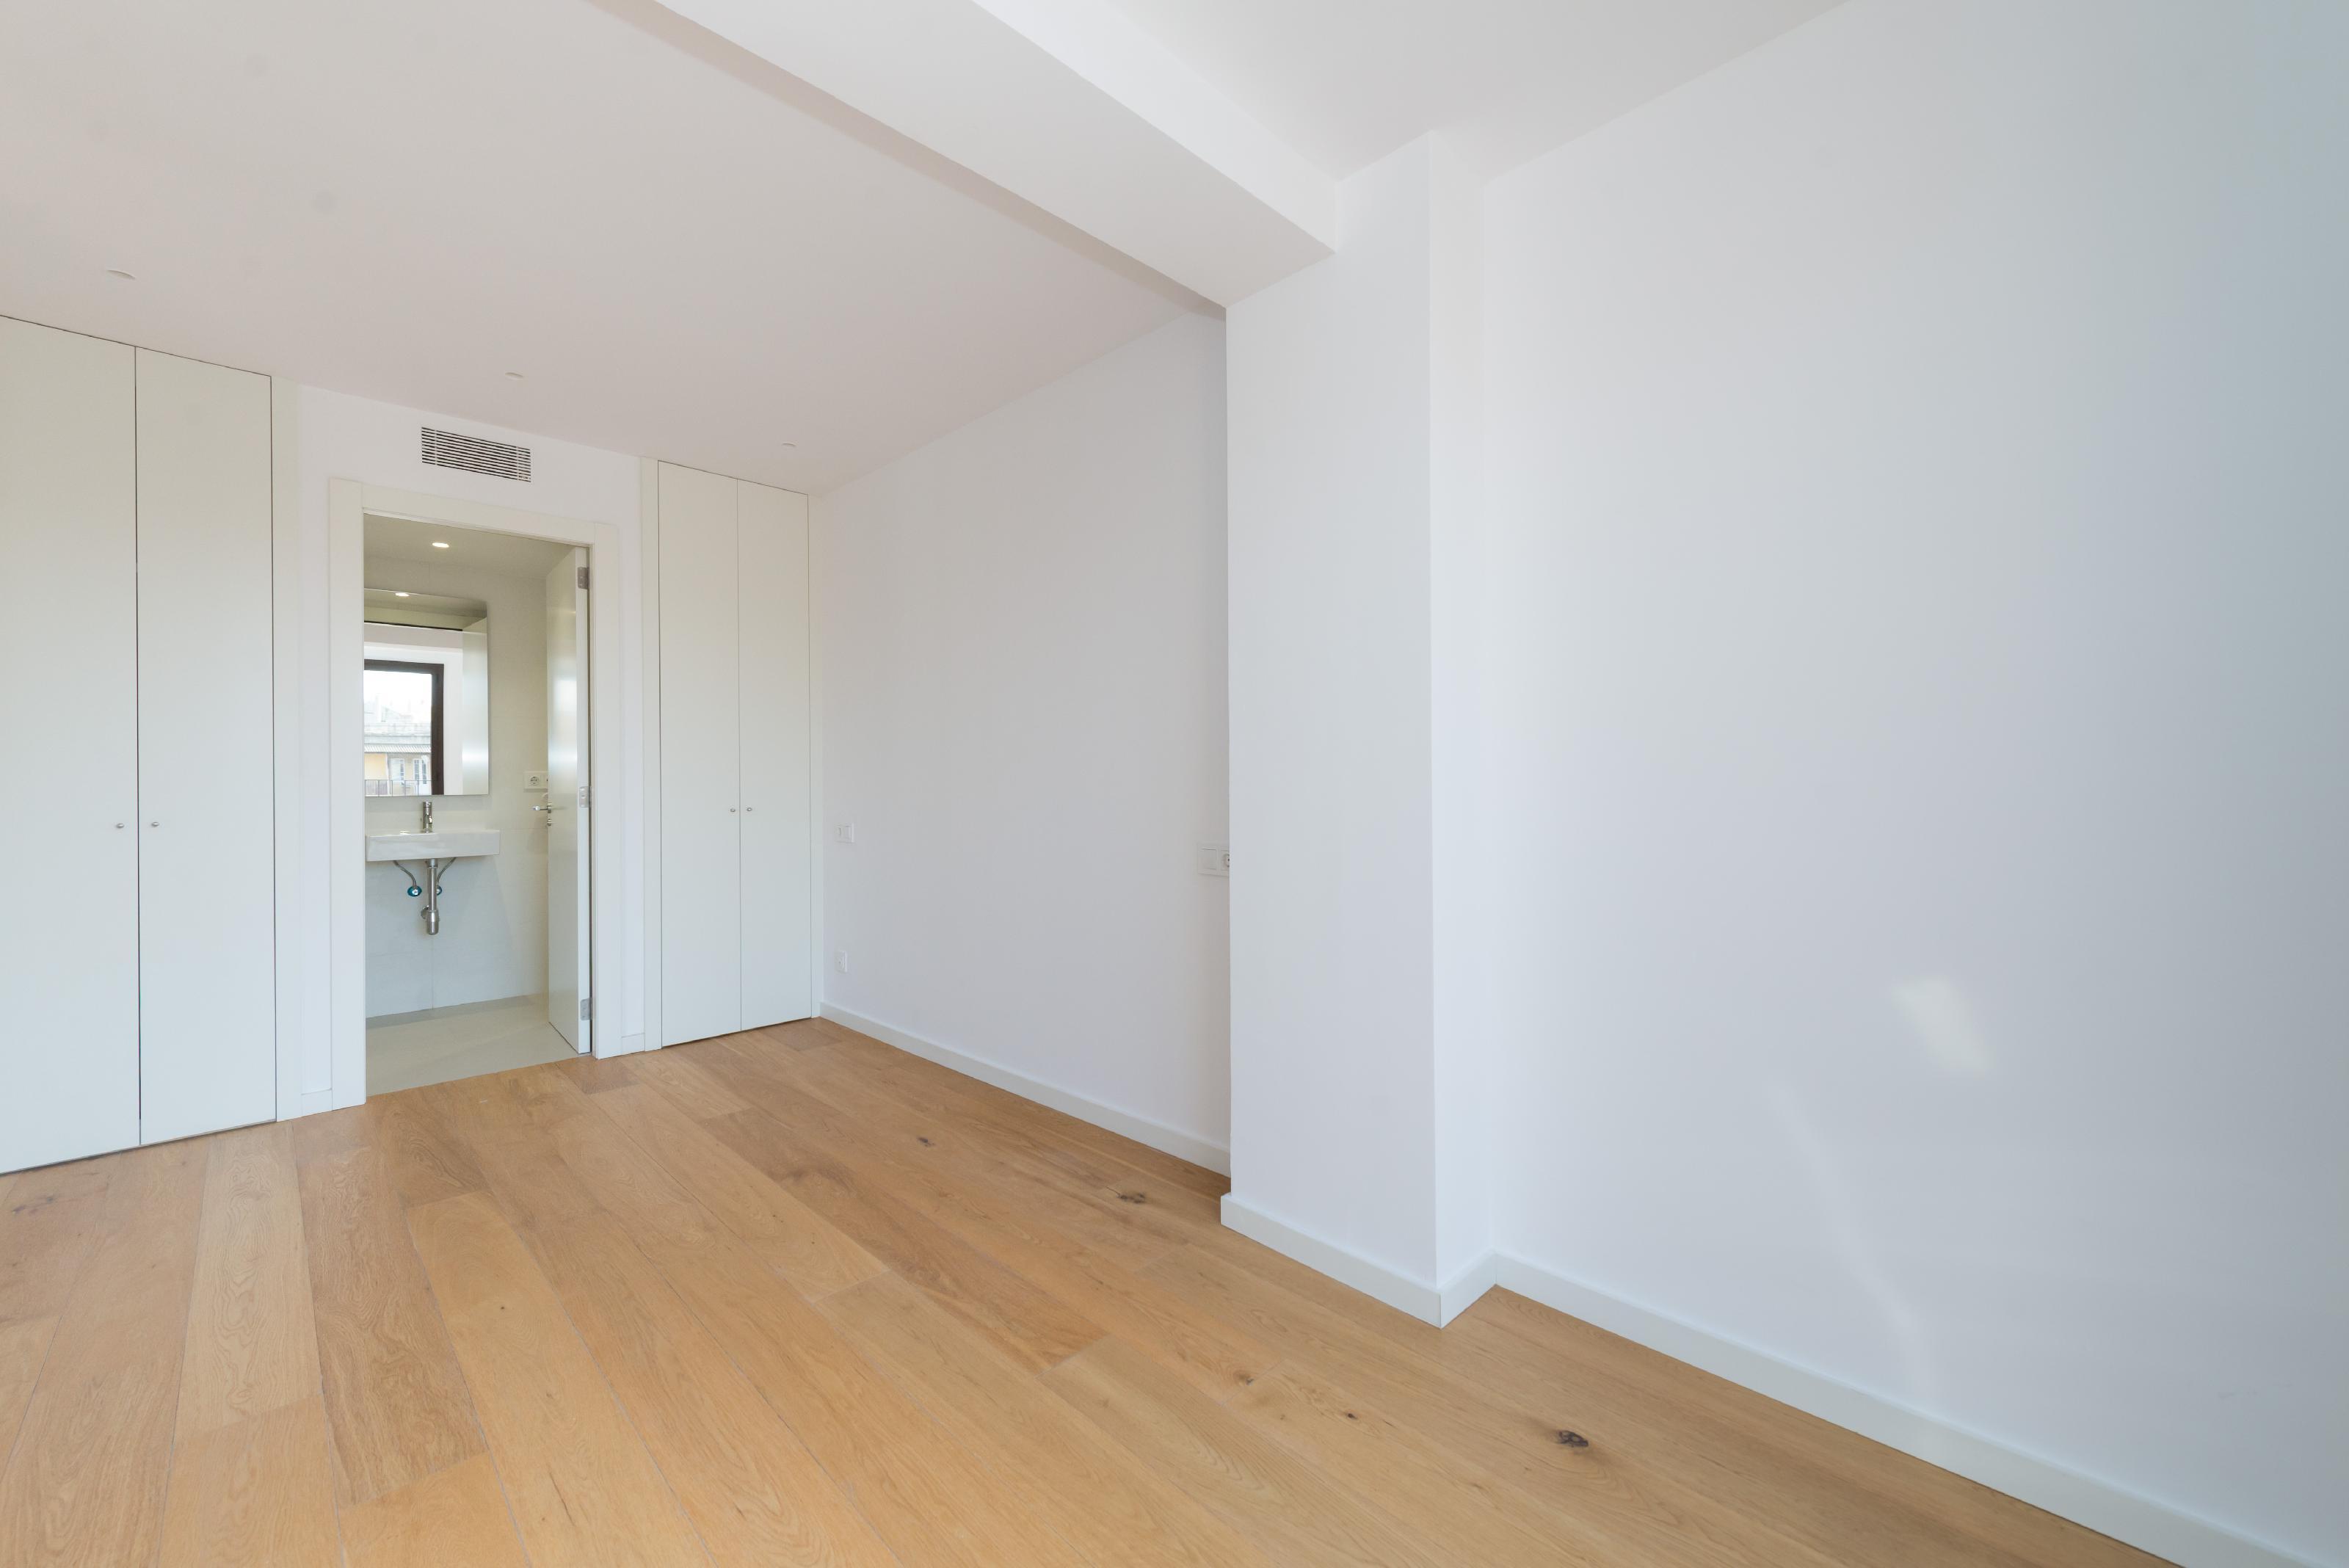 246482 Flat for sale in Eixample, Antiga Esquerre Eixample 20